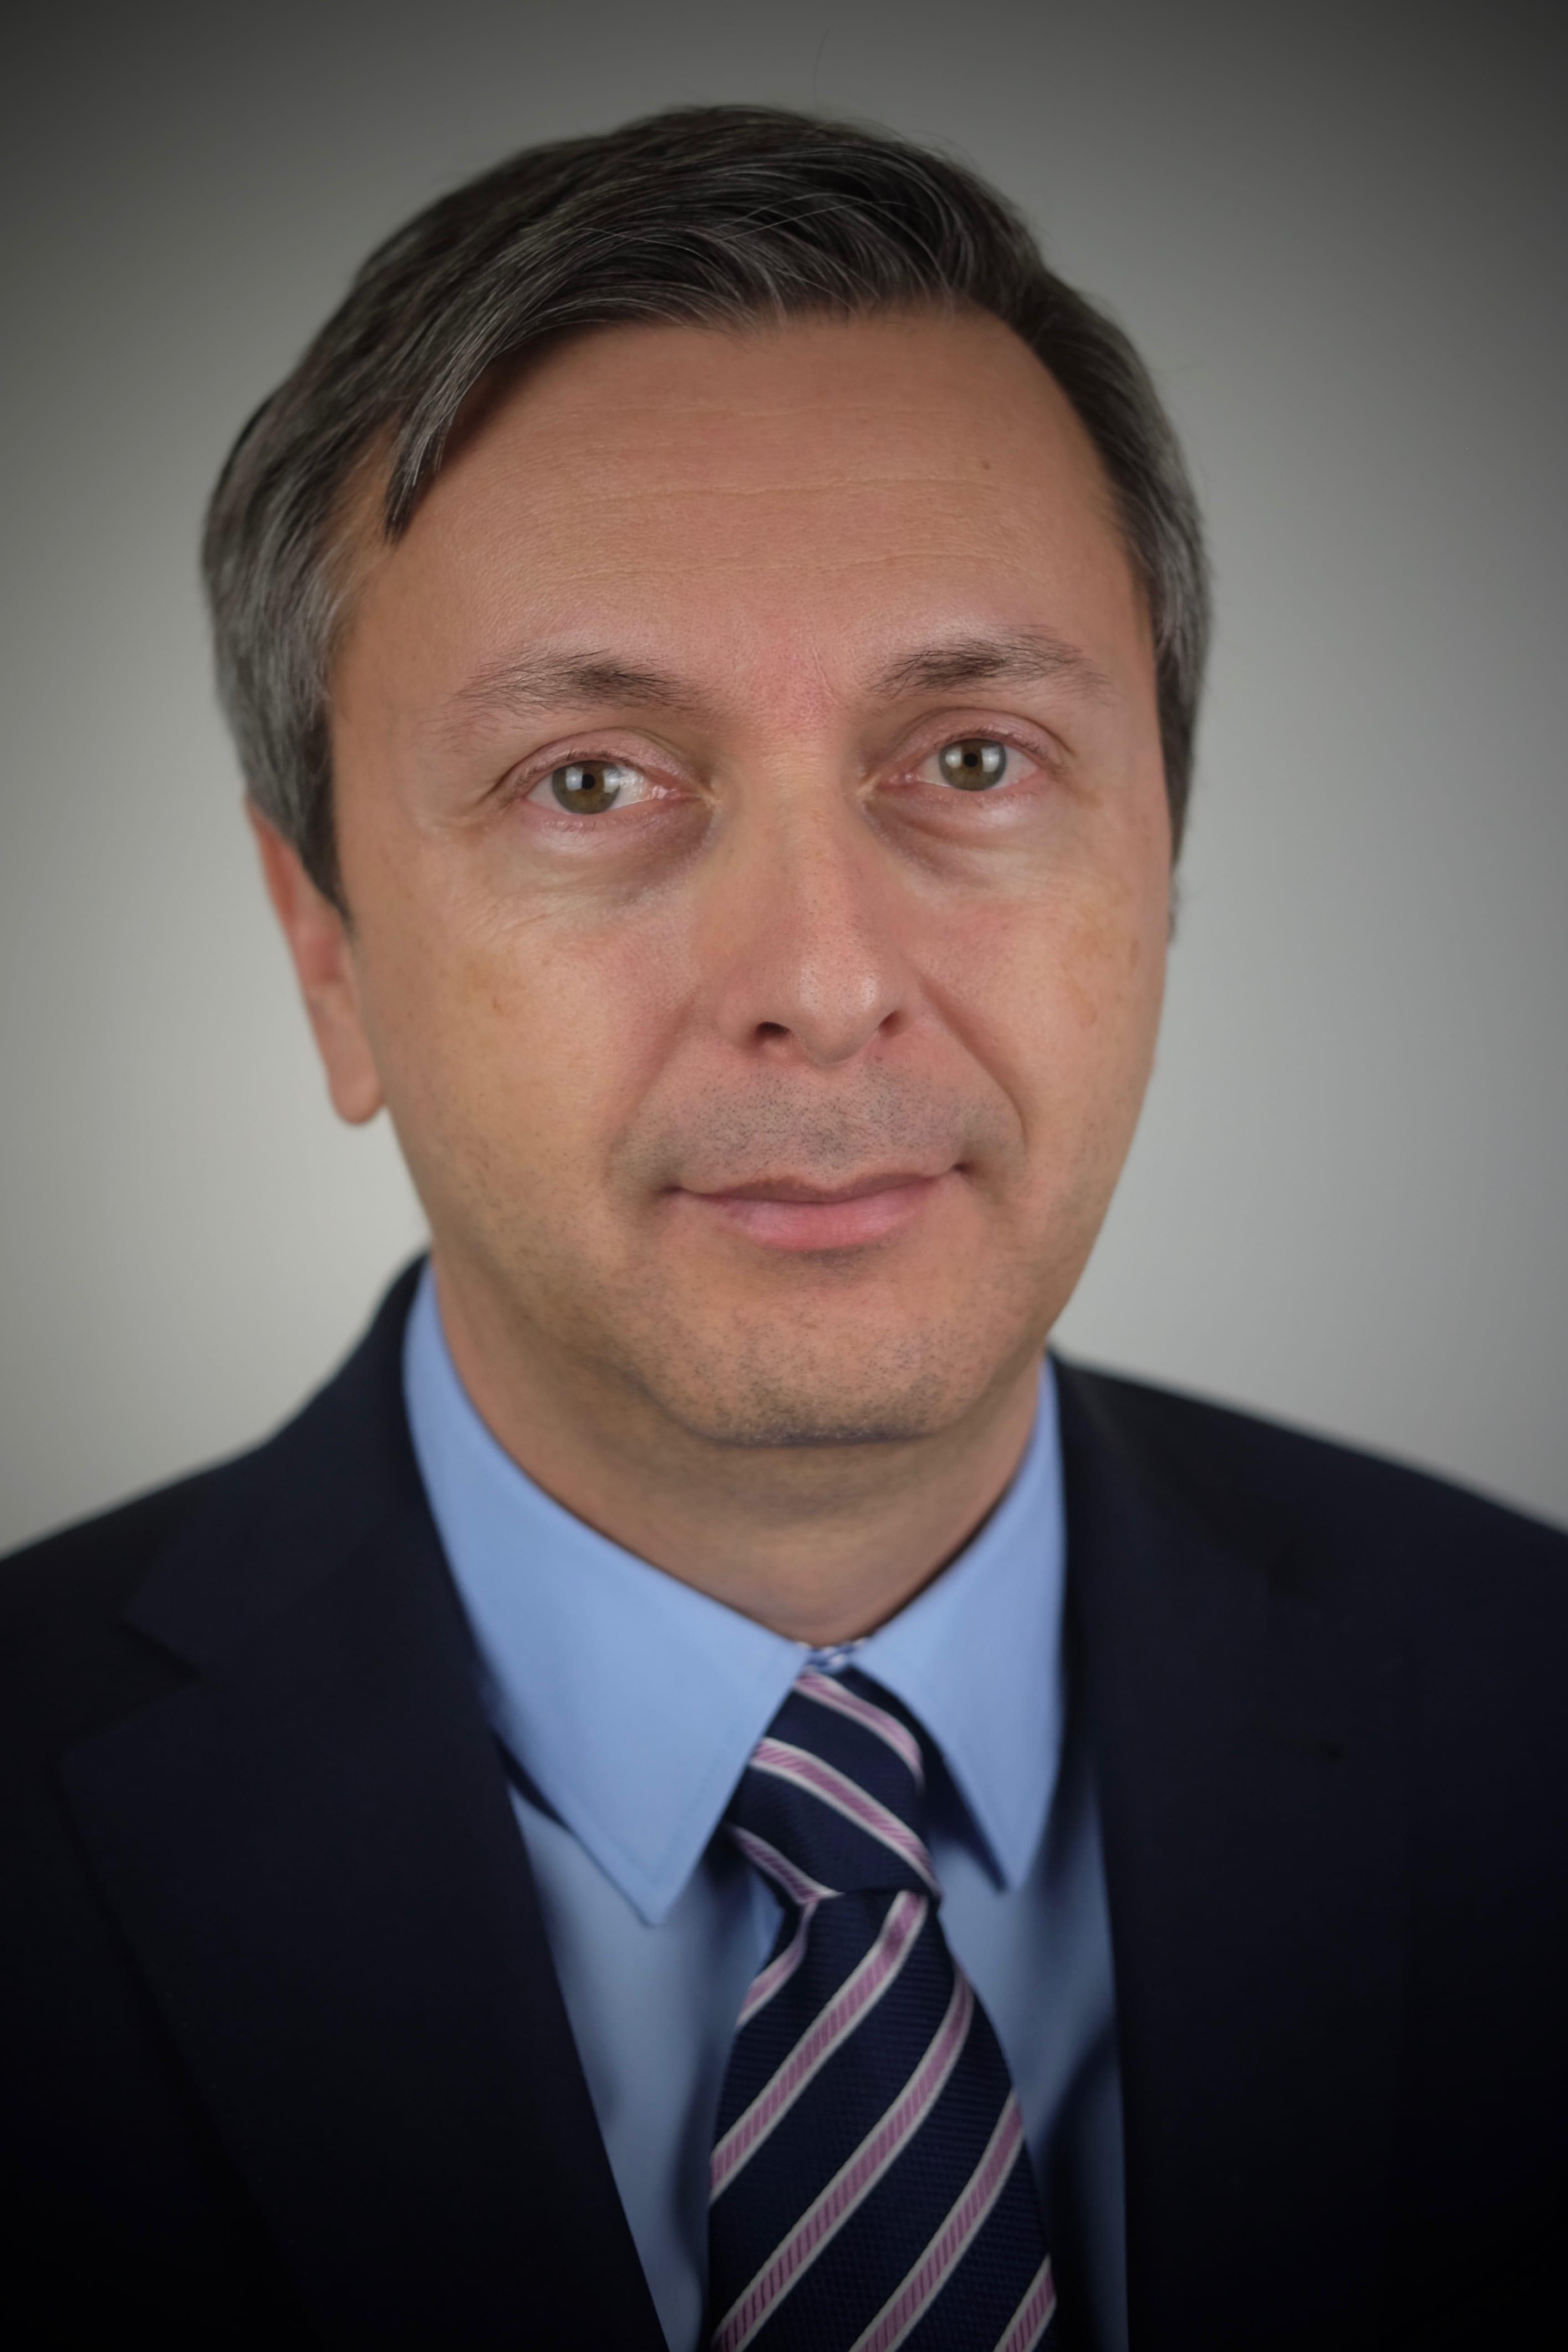 Manuel Baptista, Managing Director at Broadridge